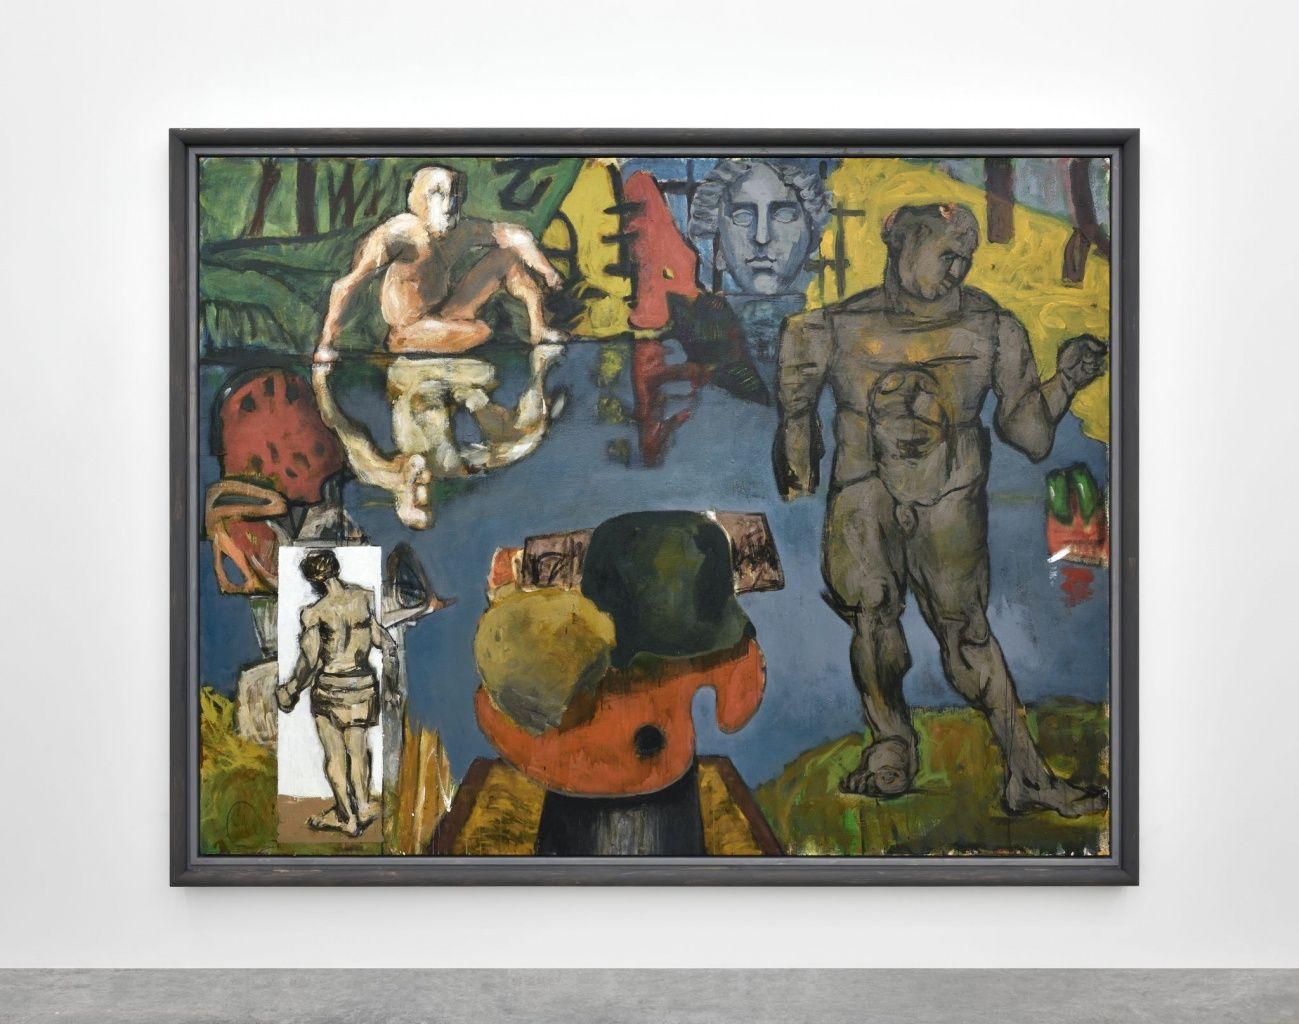 Markus Lüpertz Almine Rech Gallery Daily art, Art